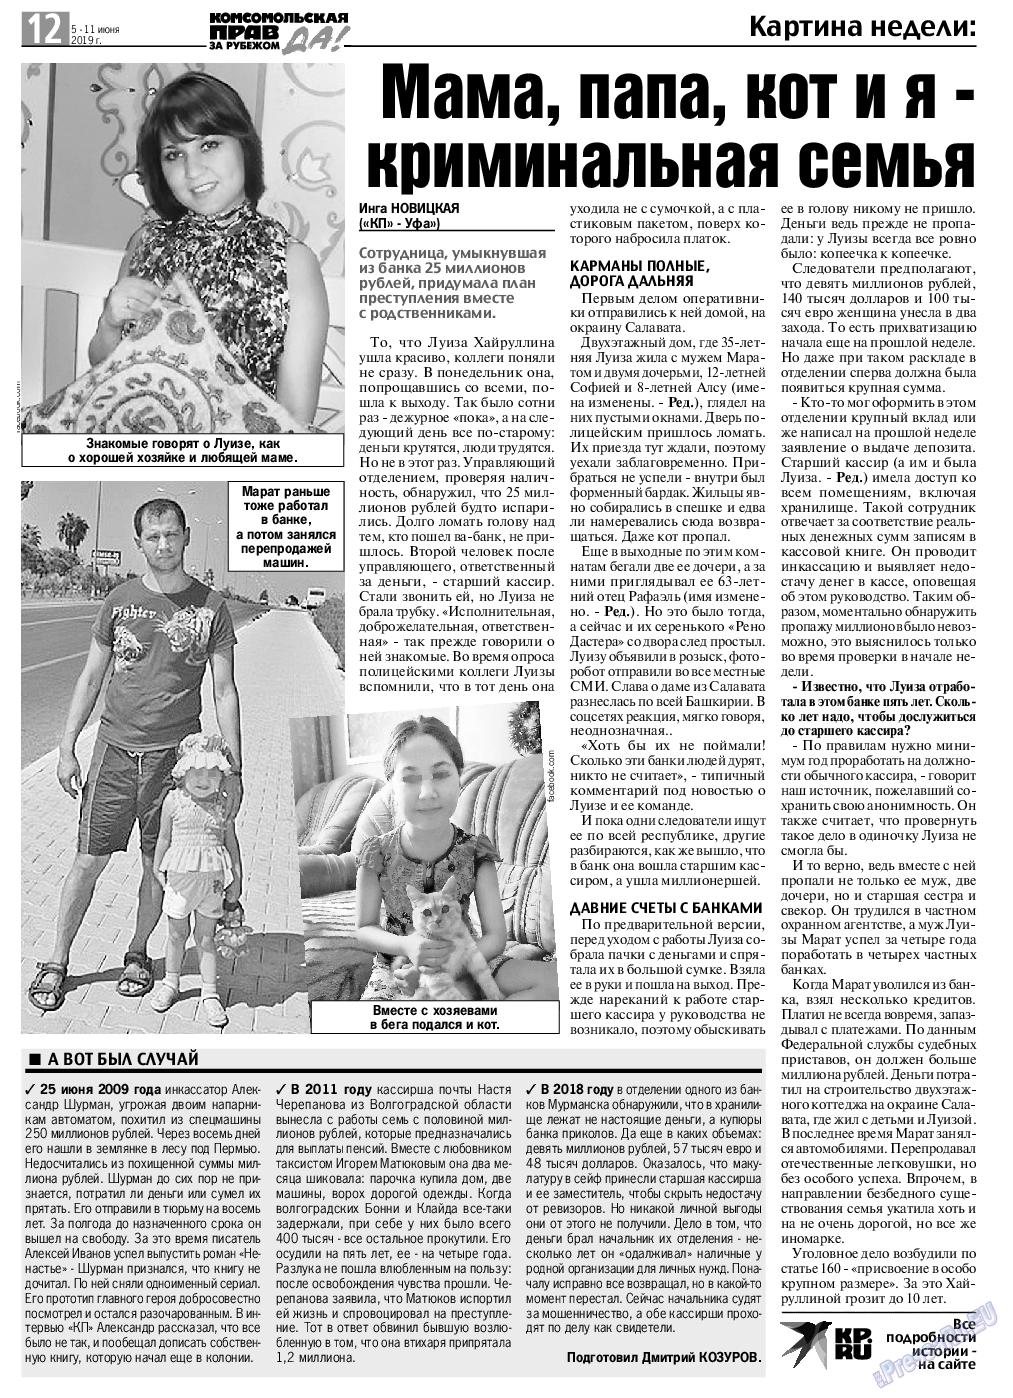 КП в Европе (газета). 2019 год, номер 23, стр. 12